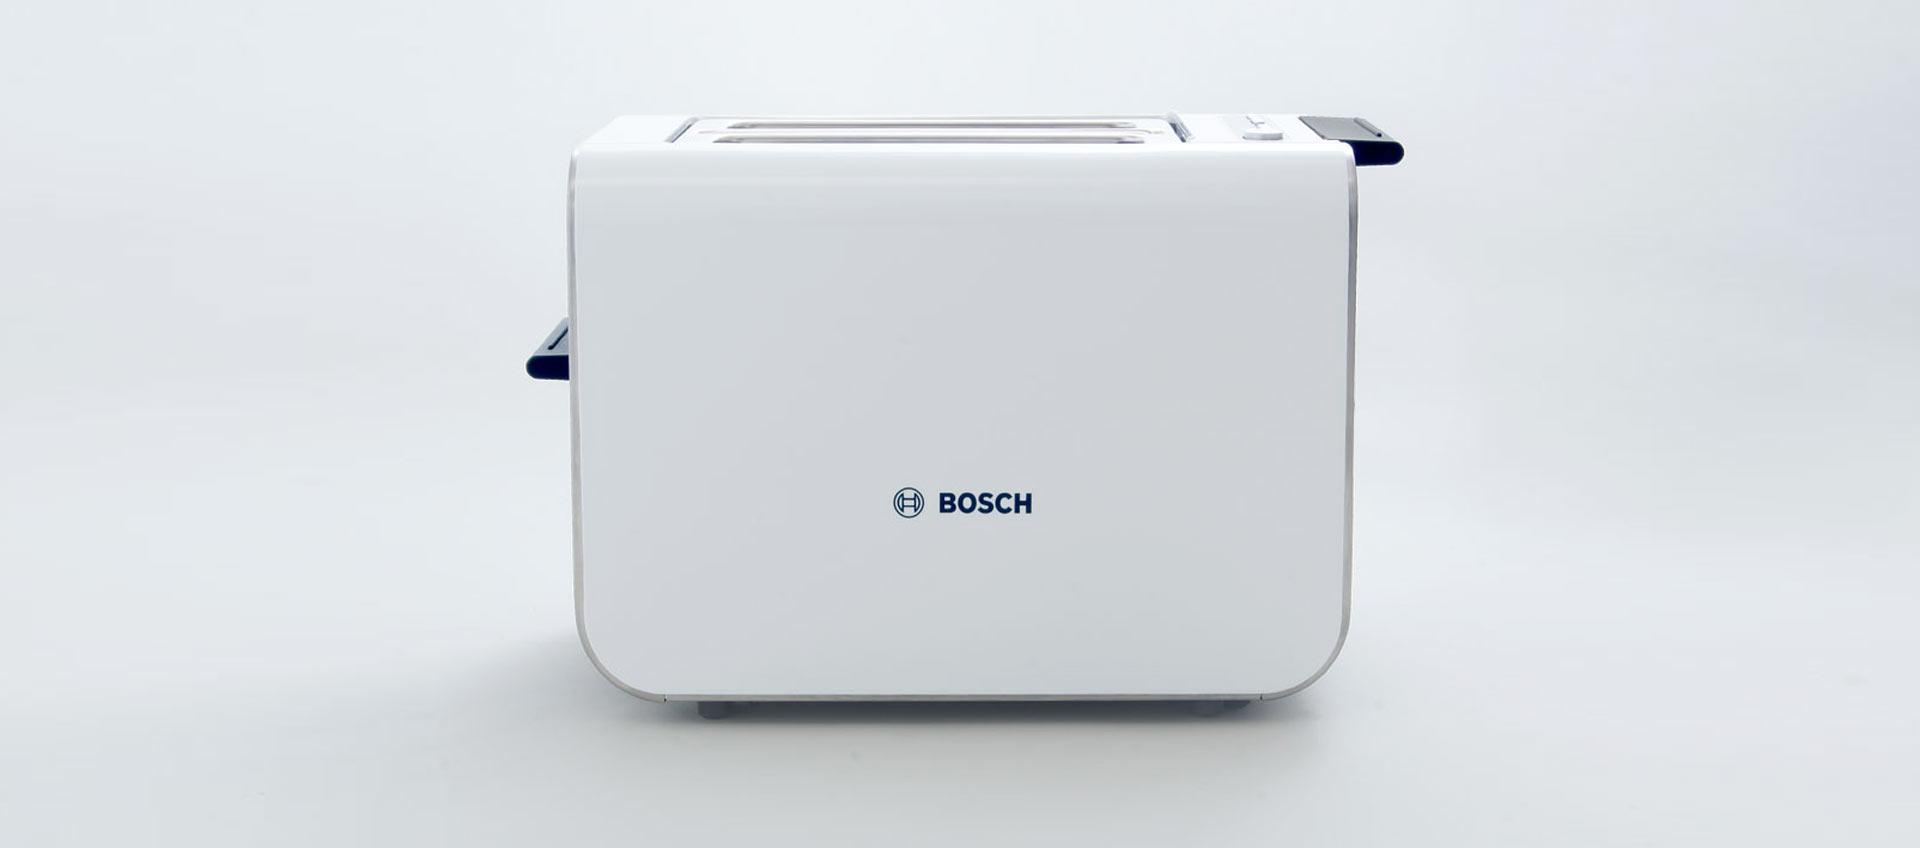 Industriedesigner daniels + erdwiens Toaster TAT-8 für Bosch Siemens Hausgeräte